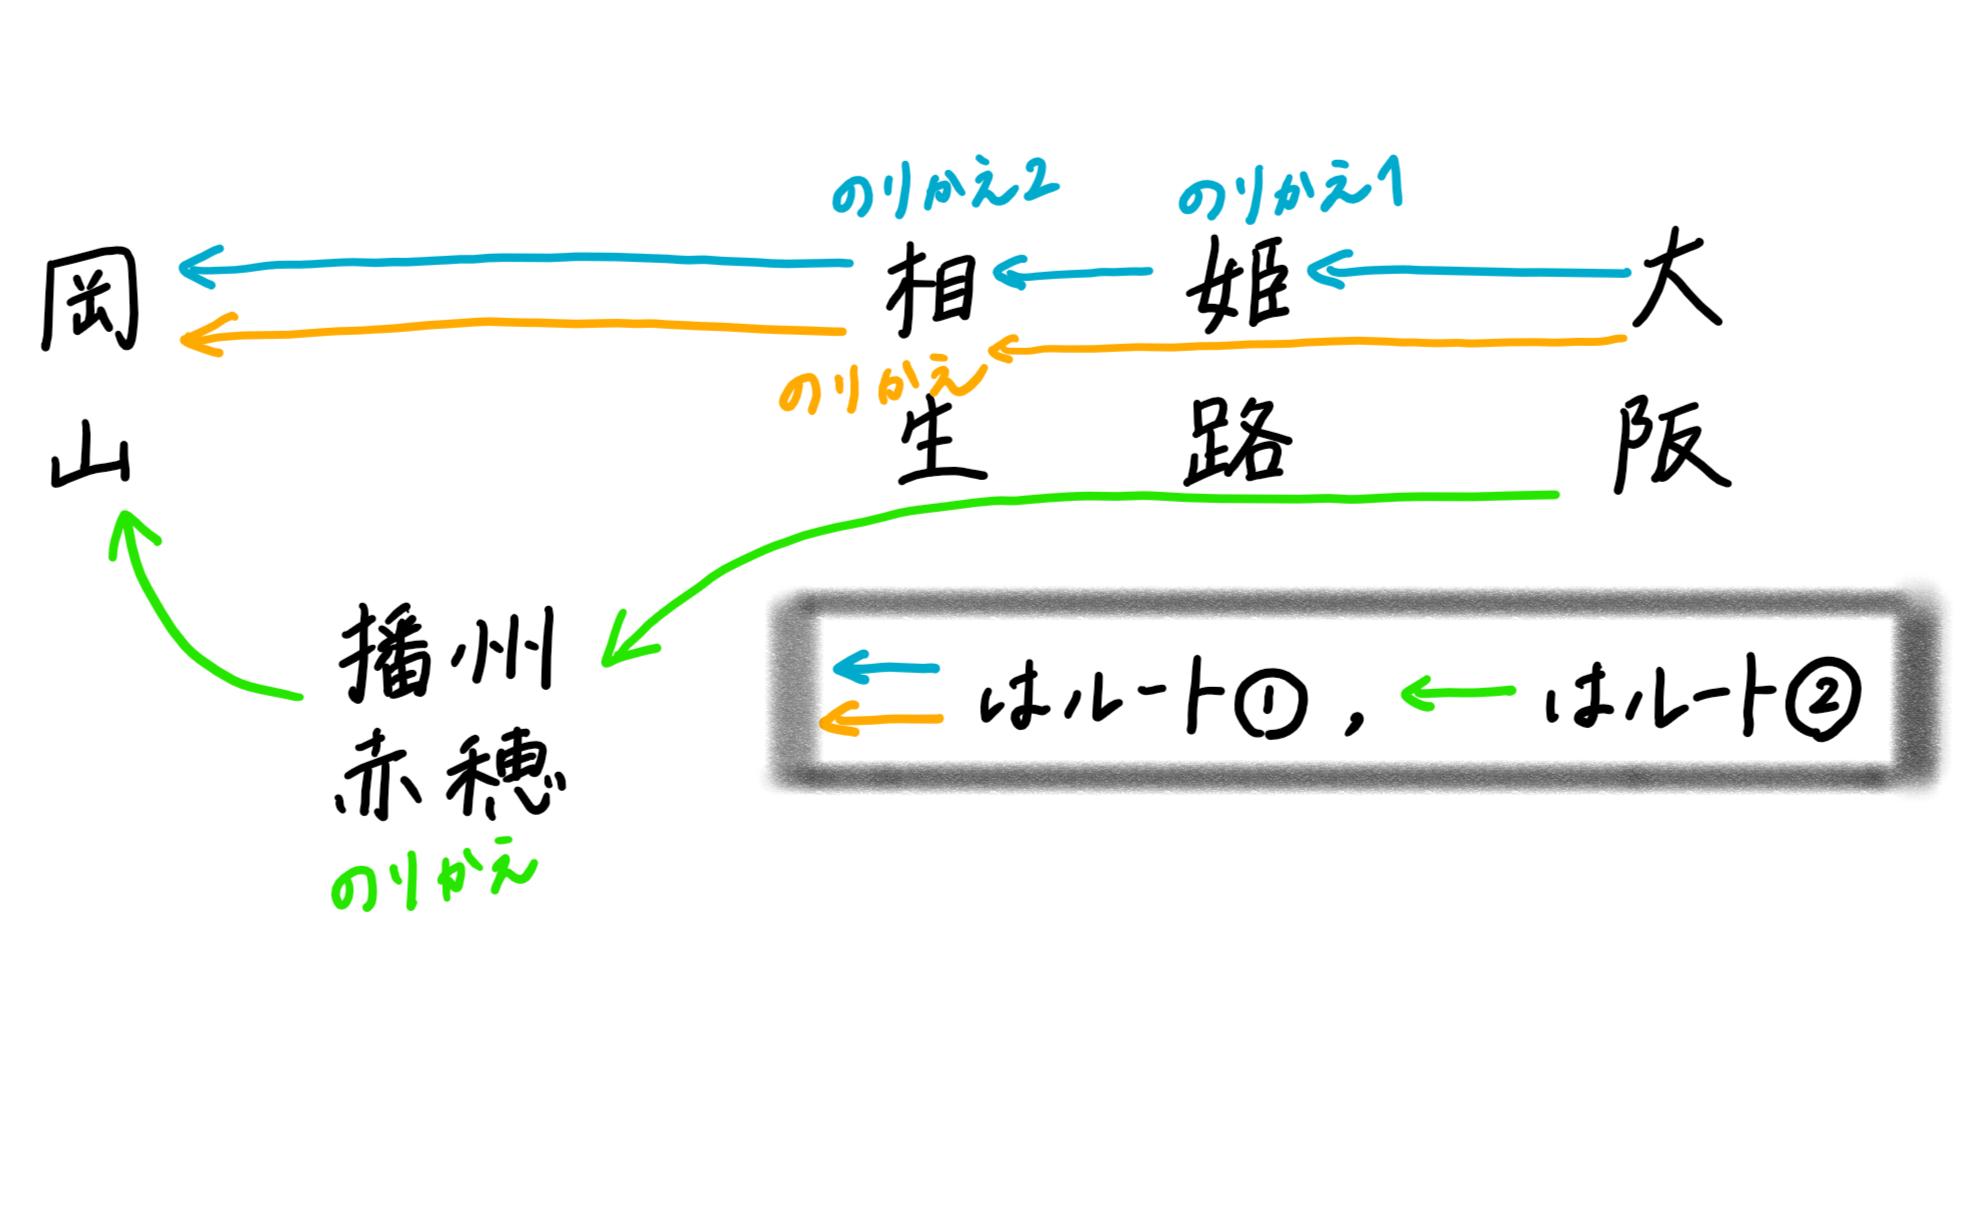 大阪~岡山の乗り替えを図で分かりやすく説明した。